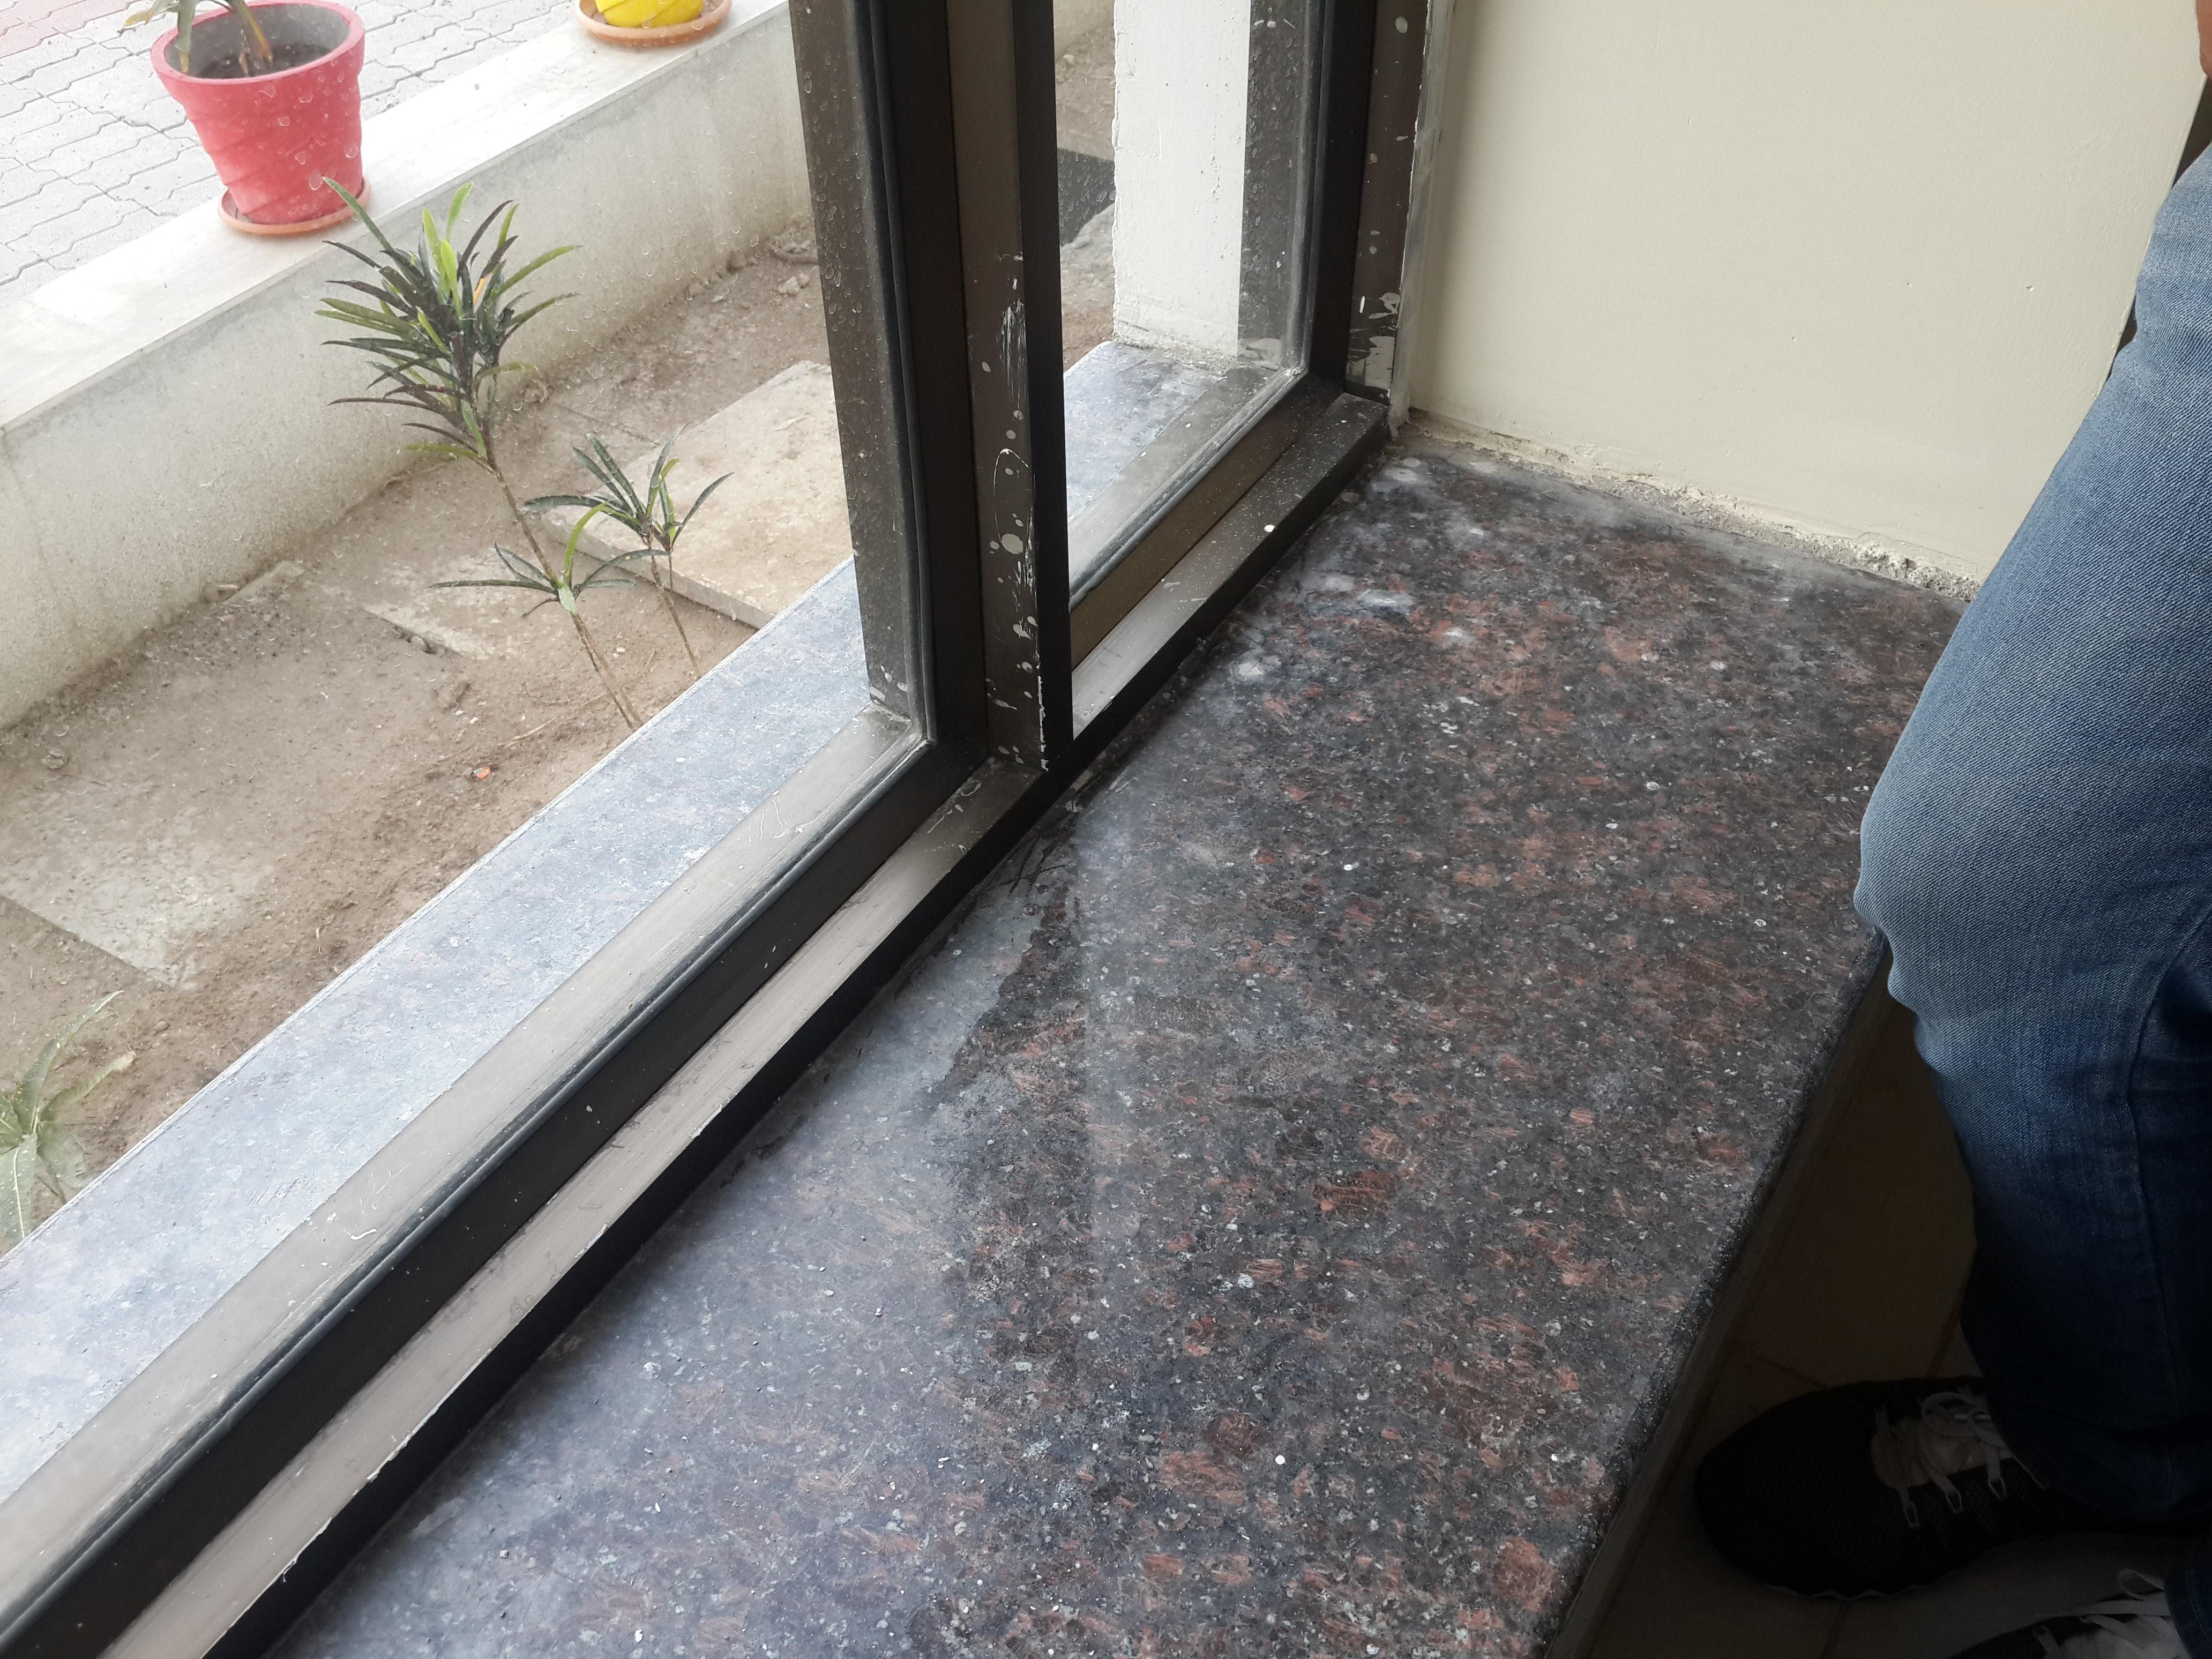 tan brown granite in window sill